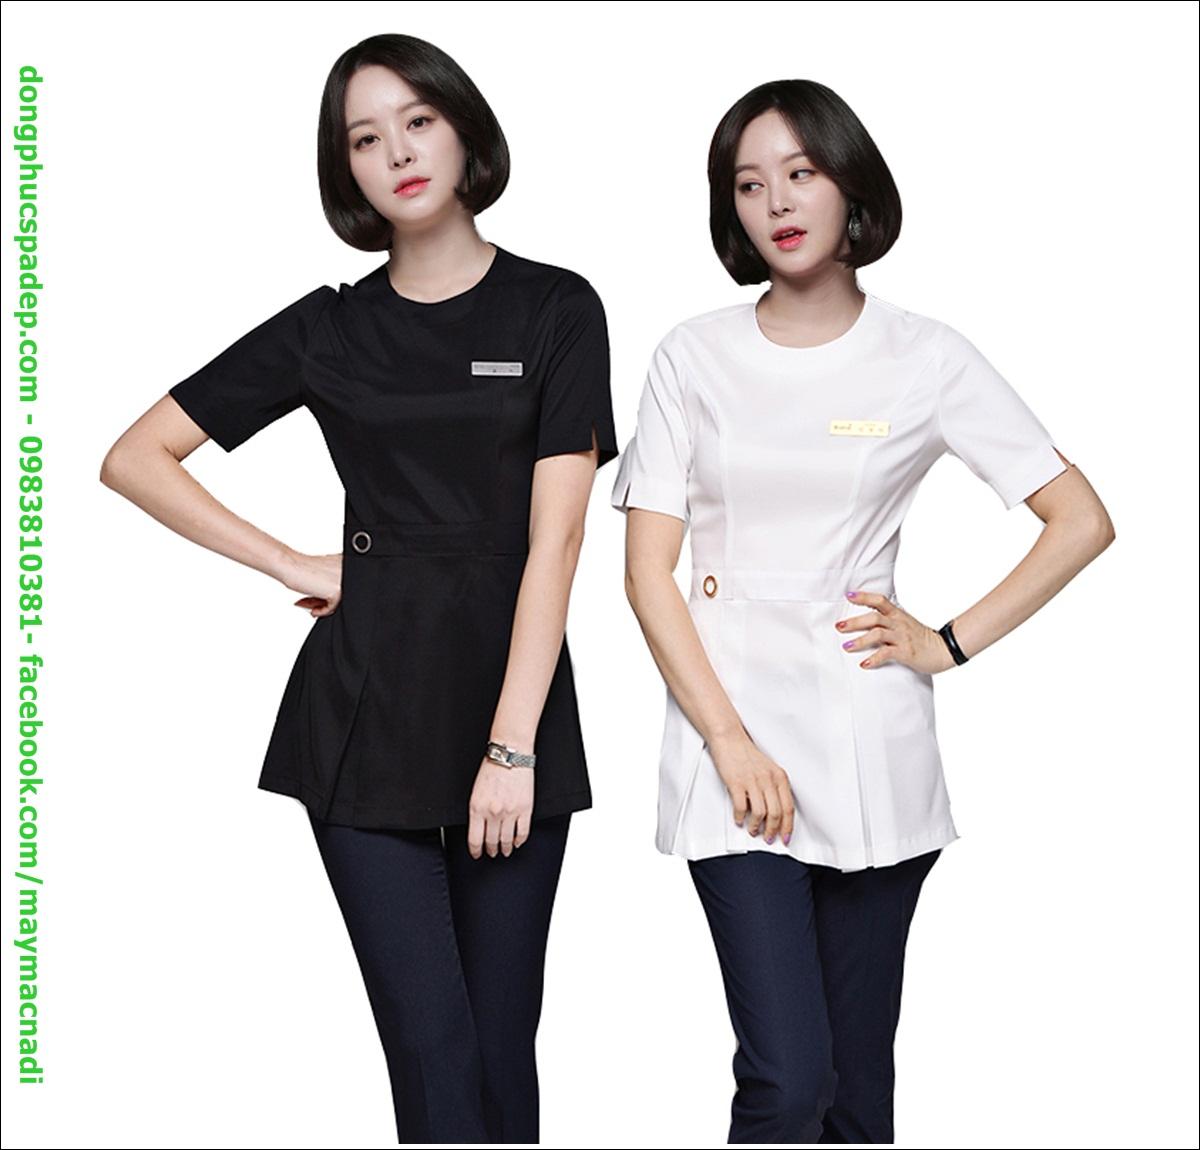 2 màu đen trắng đơn giản, vừa sang trọng lại dễ dàng tôn dáng người mặc